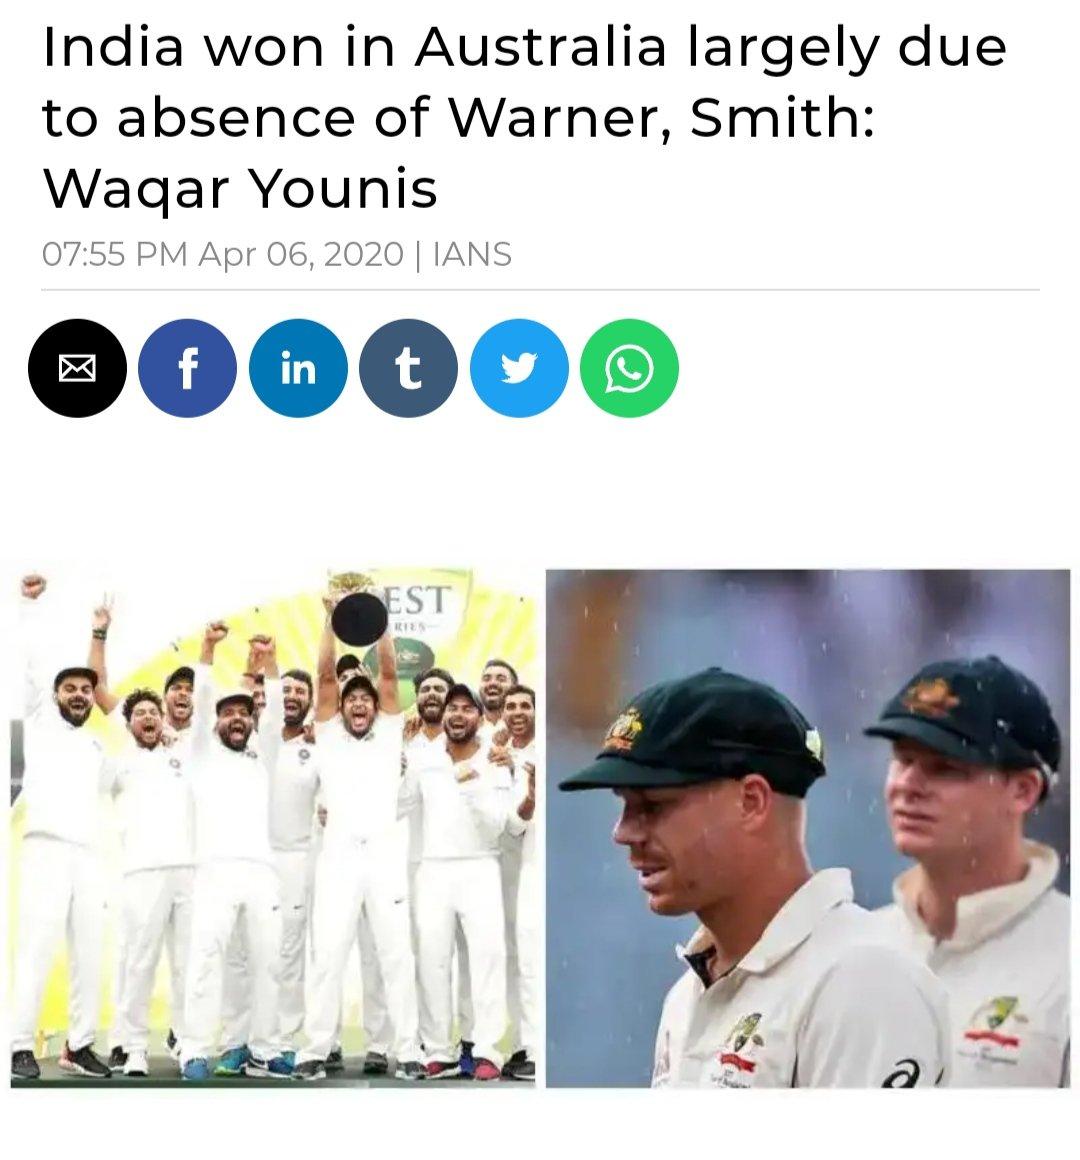 So what shall we say now 😂  #INDvsAUS #ViratKohli #SachinTendulkar #BorderGavaskar #MSDhoni #RishabPant #AjinkyaRahane #AskTheExpert #Cricket #SportingCP